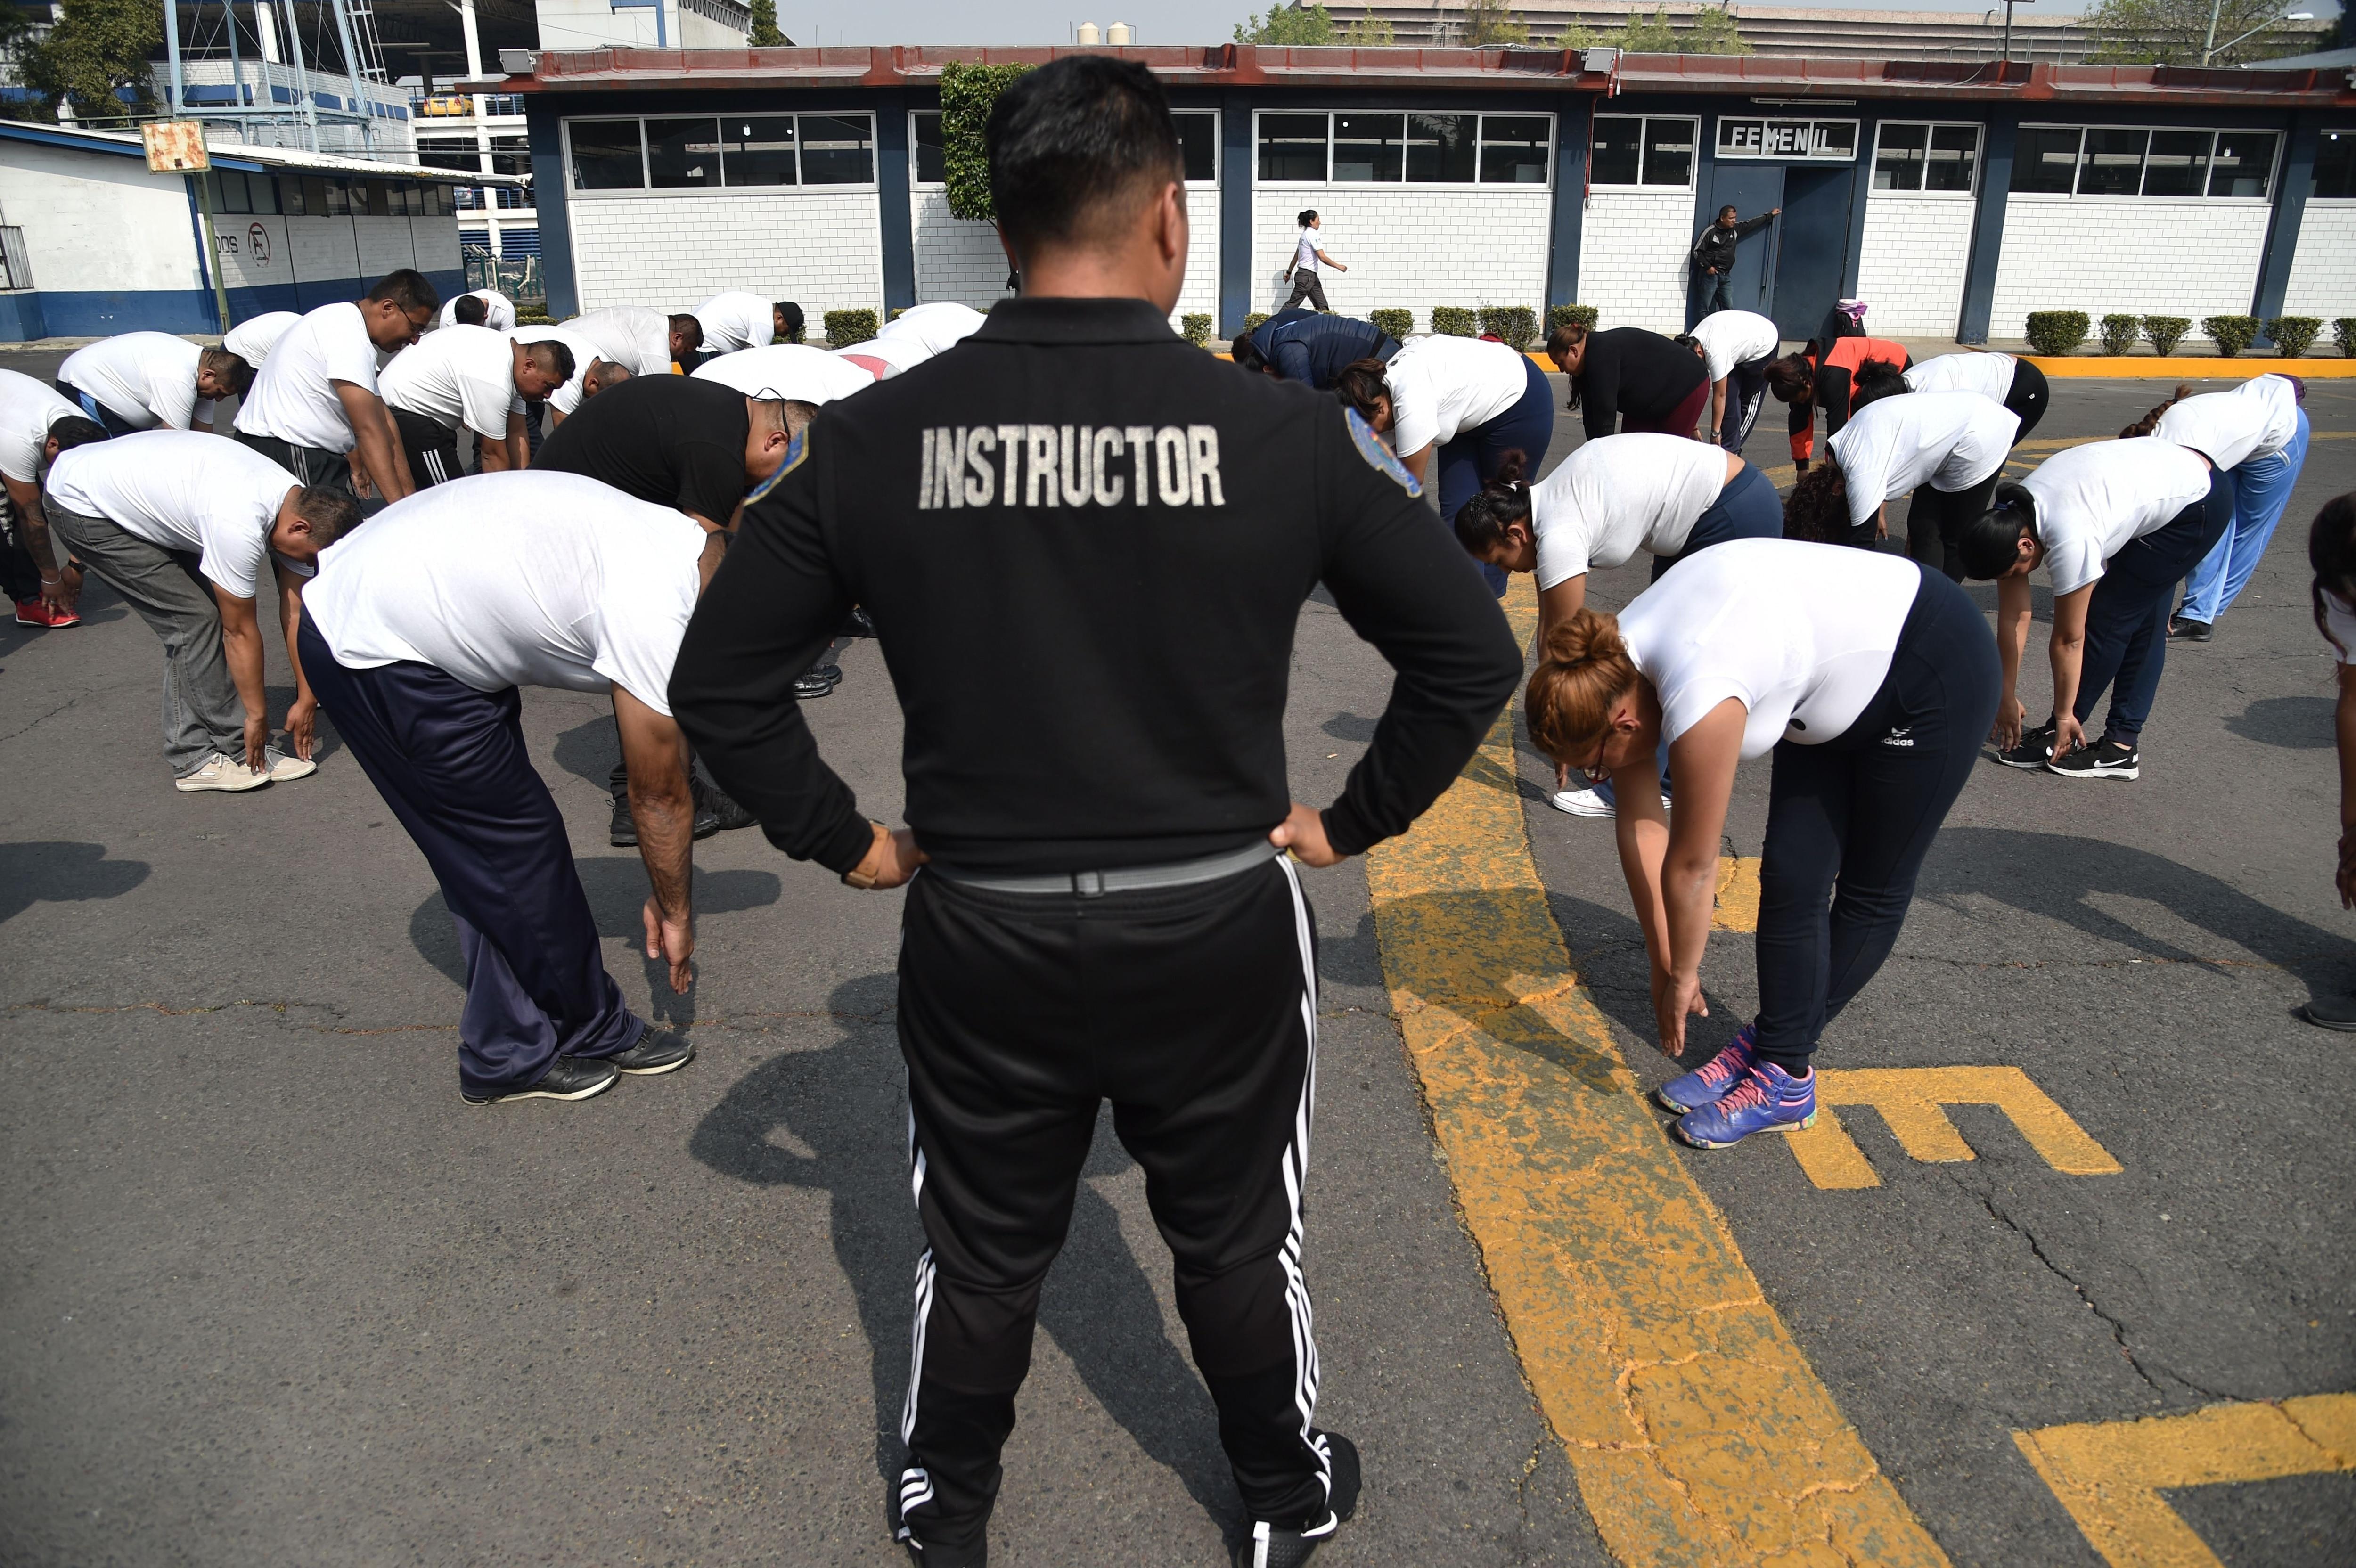 En el mundo, más de 1000 millones de adultos tienen sobrepeso y 650 millones de adultos y 124 millones de niños y adolescentes tienen obesidad. (Photo by RODRIGO ARANGUA / AFP)